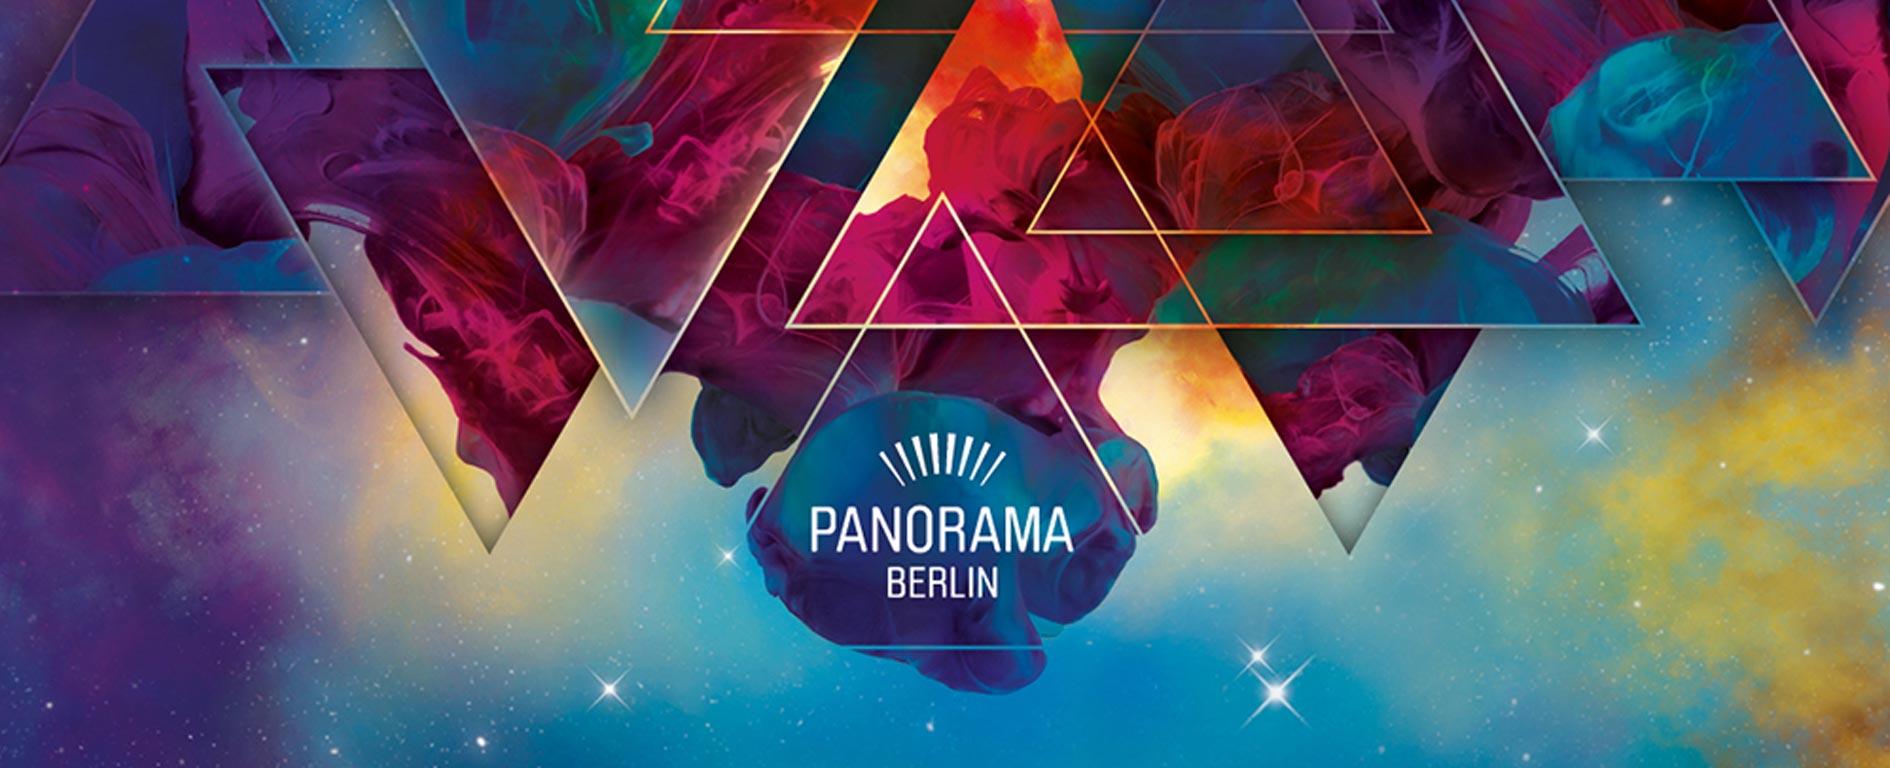 Abbildung_Keyvisual_panorama-aw15-header